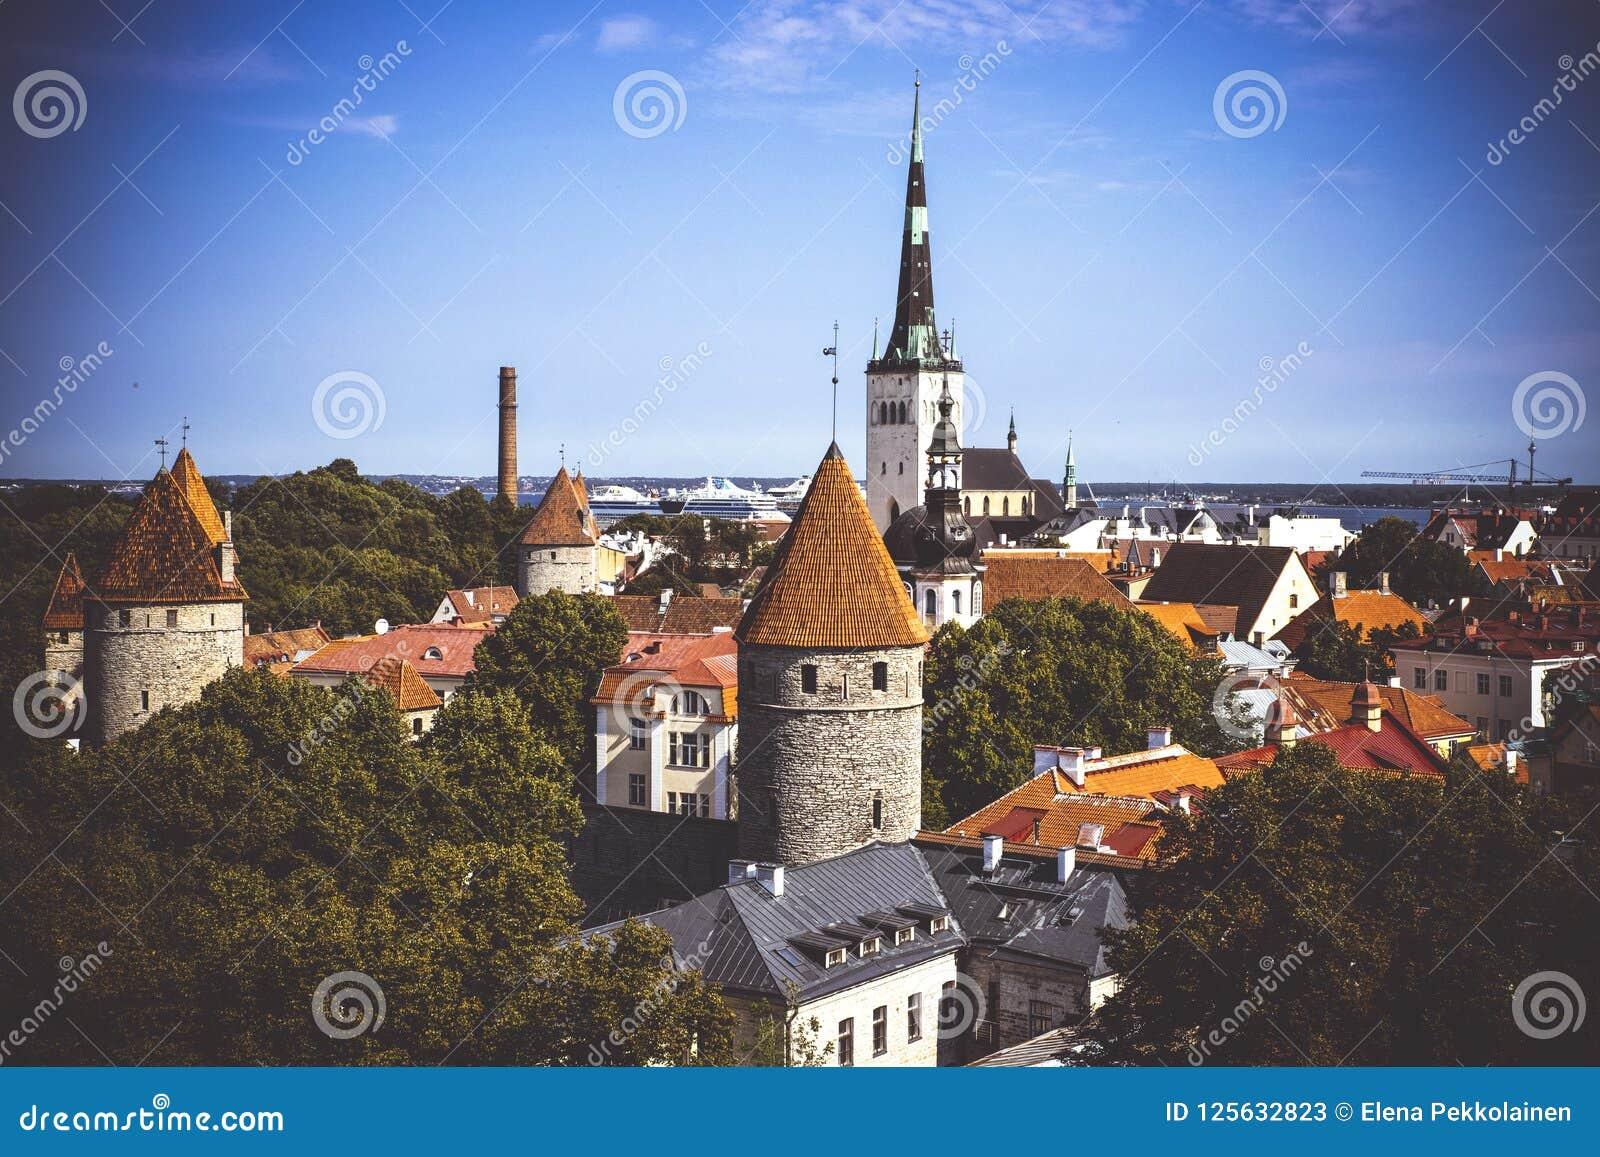 Flyg- cityscape med den medeltida gamla staden och St Olaf Baptist Church i Tallinn